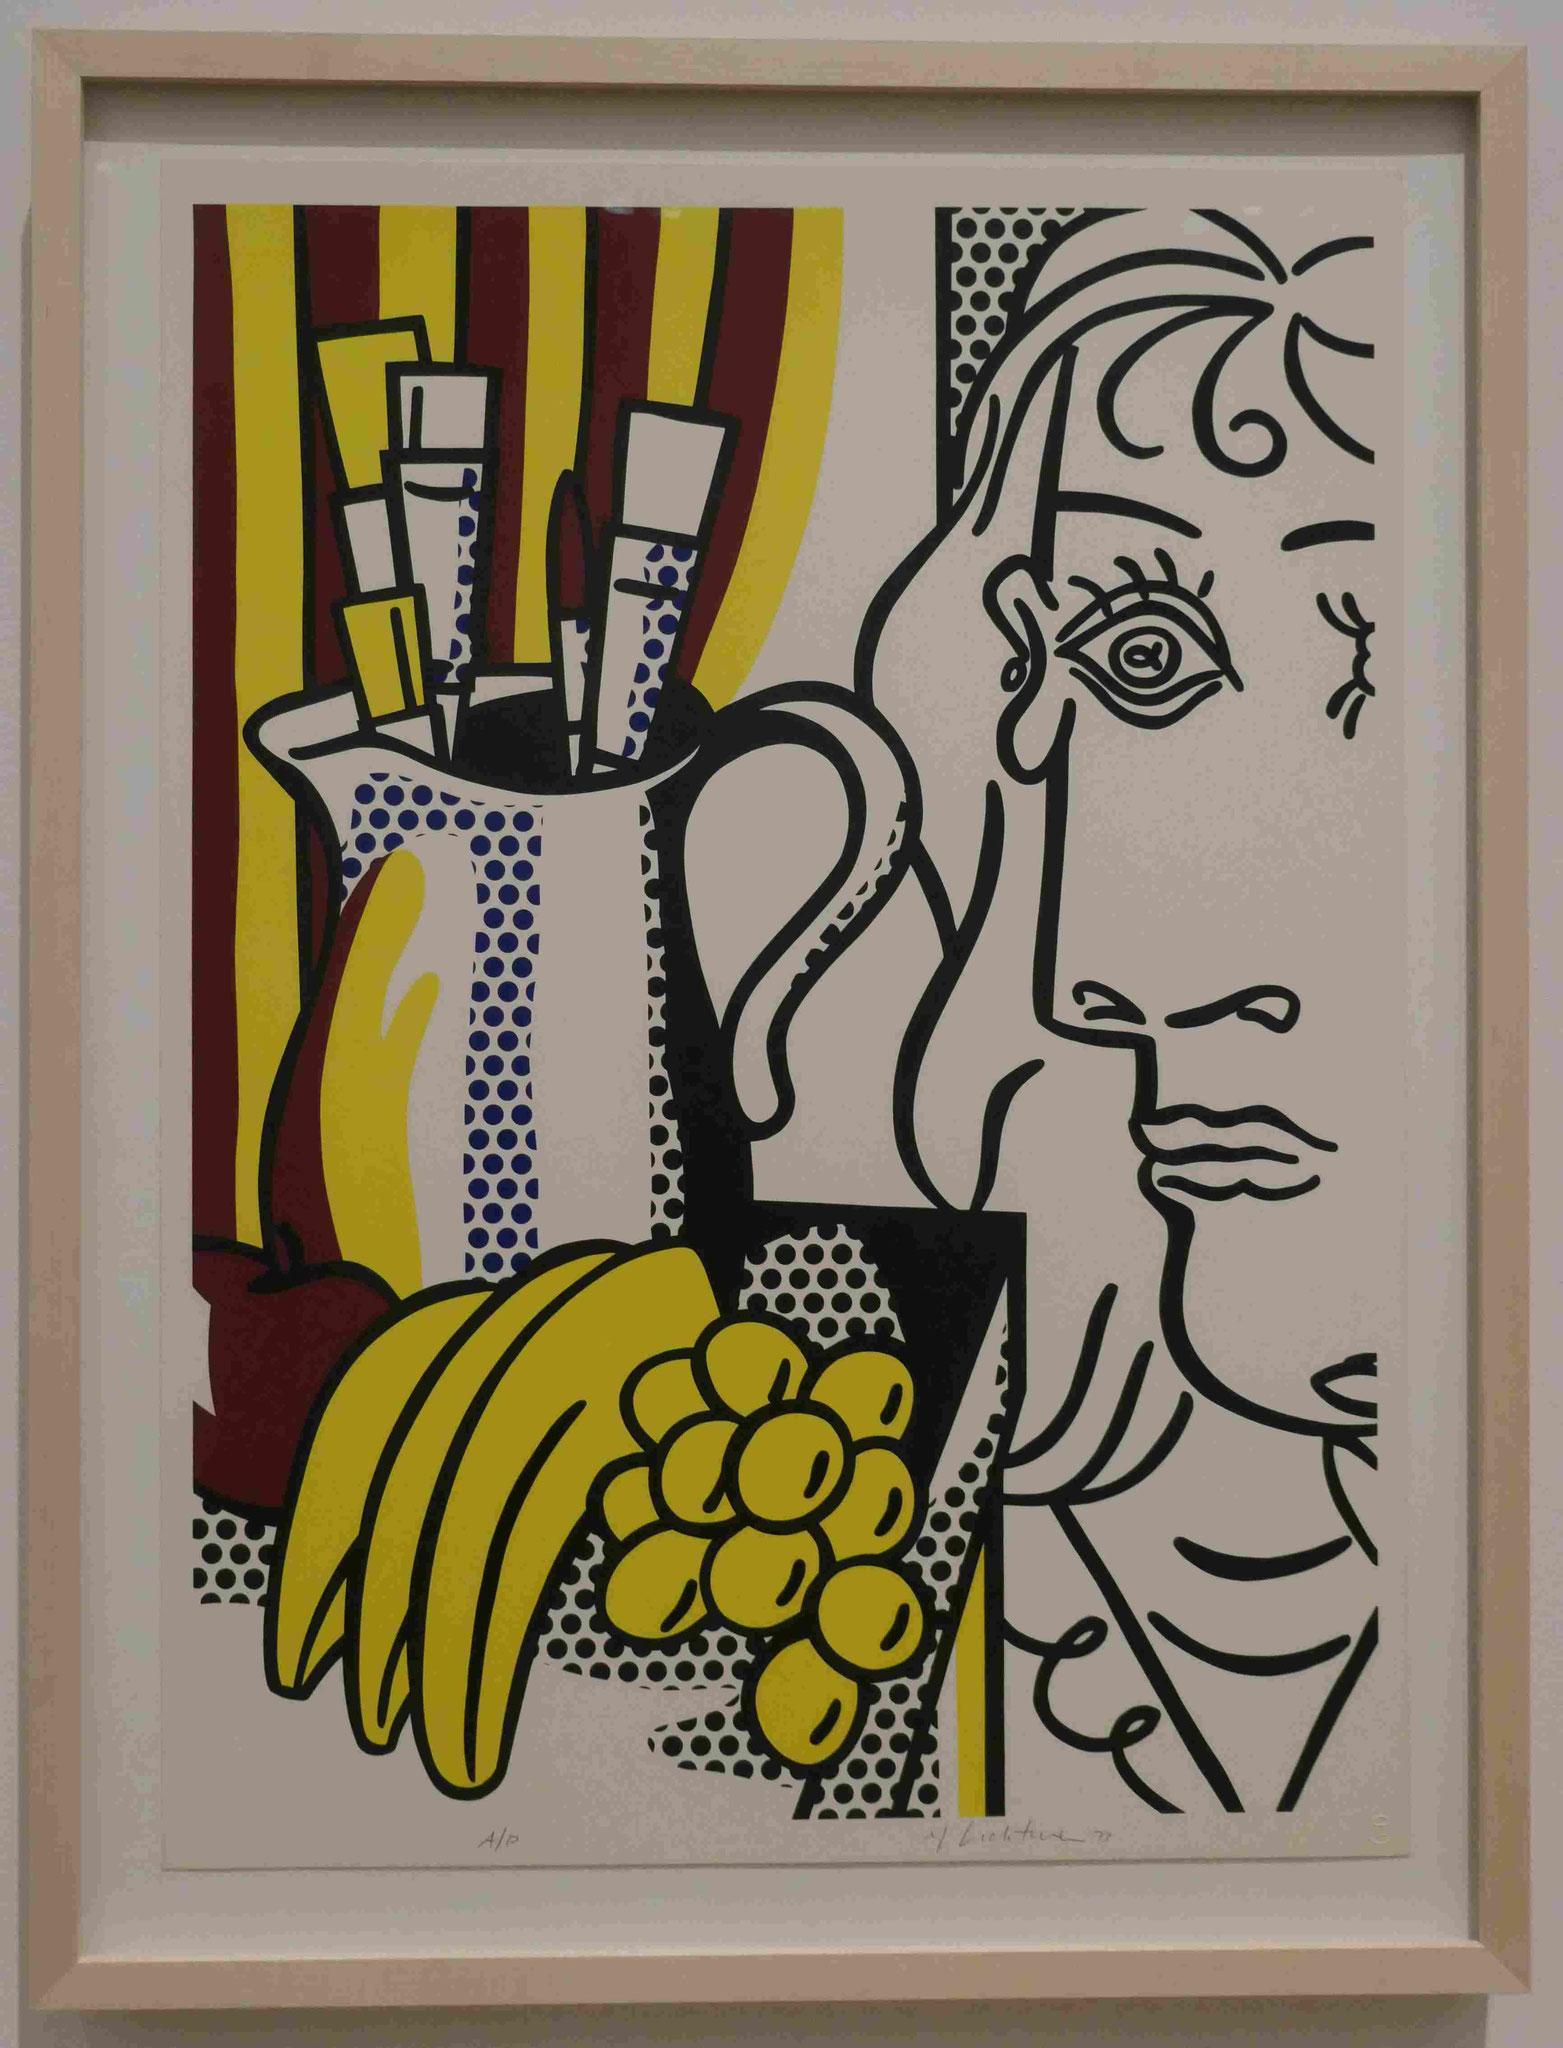 Roy Lichtenstein, Still Life with Picasso, Siebdruck, 1973, Nationalgalerie Berlin